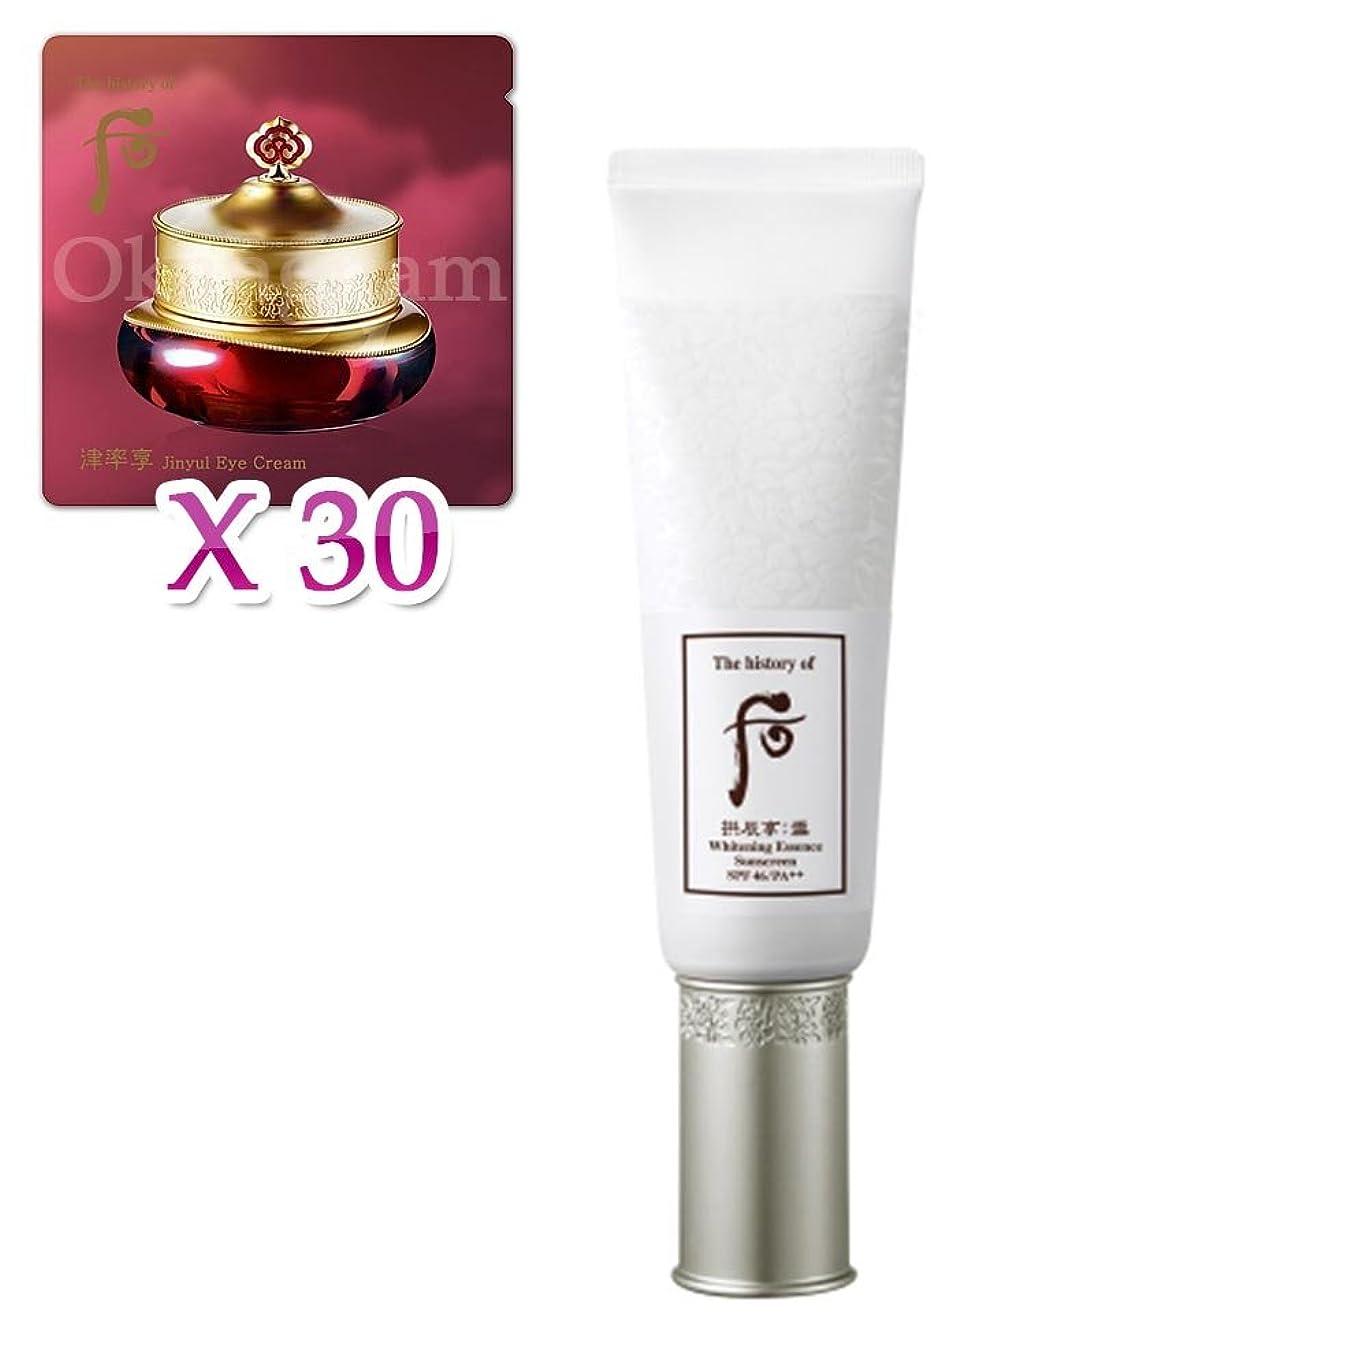 気難しい絶縁する無人【フー/ The history of whoo] Whoo 后 KGS09 GONGJIN HYANG SEOL Whitening Essence Sunscreen/ 后(フー) ゴンジンヒャン ソル 美白エッセンス サン 45ml (SPF46/PA++) + [Sample Gift](海外直送品)